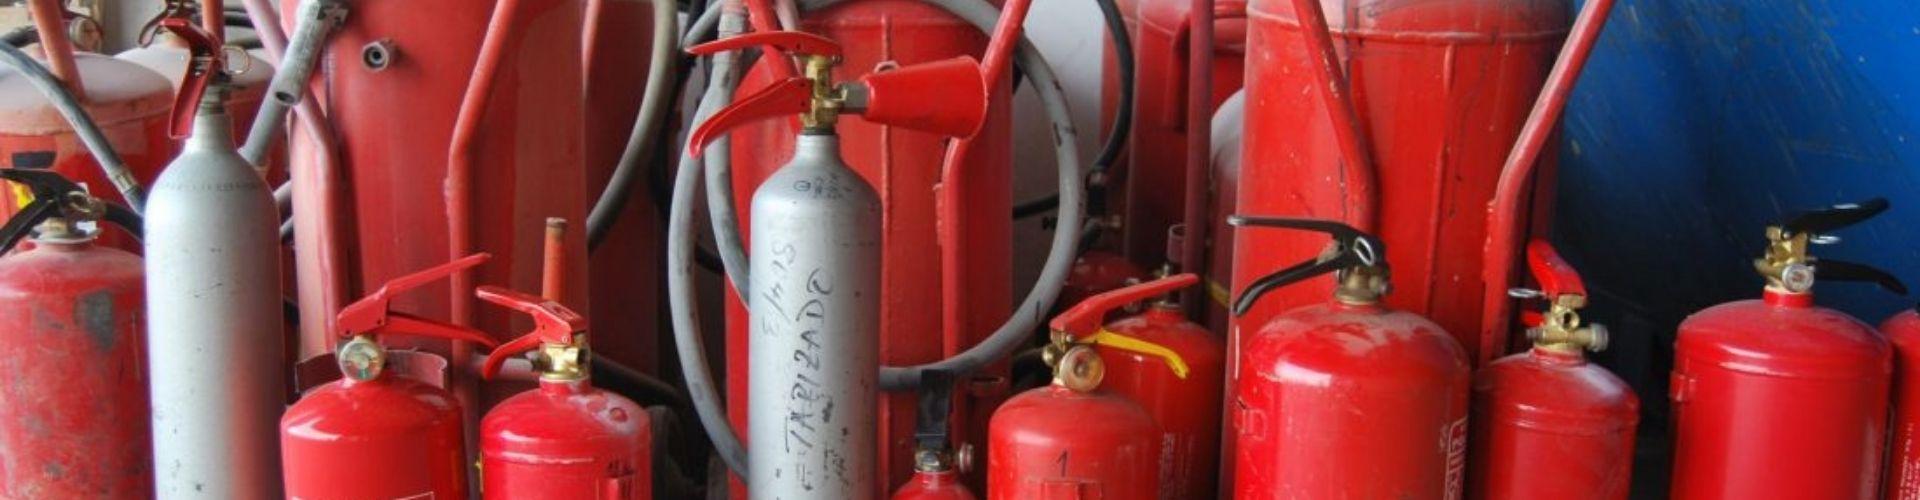 Recogida y Destrucción de Extintores Alesza